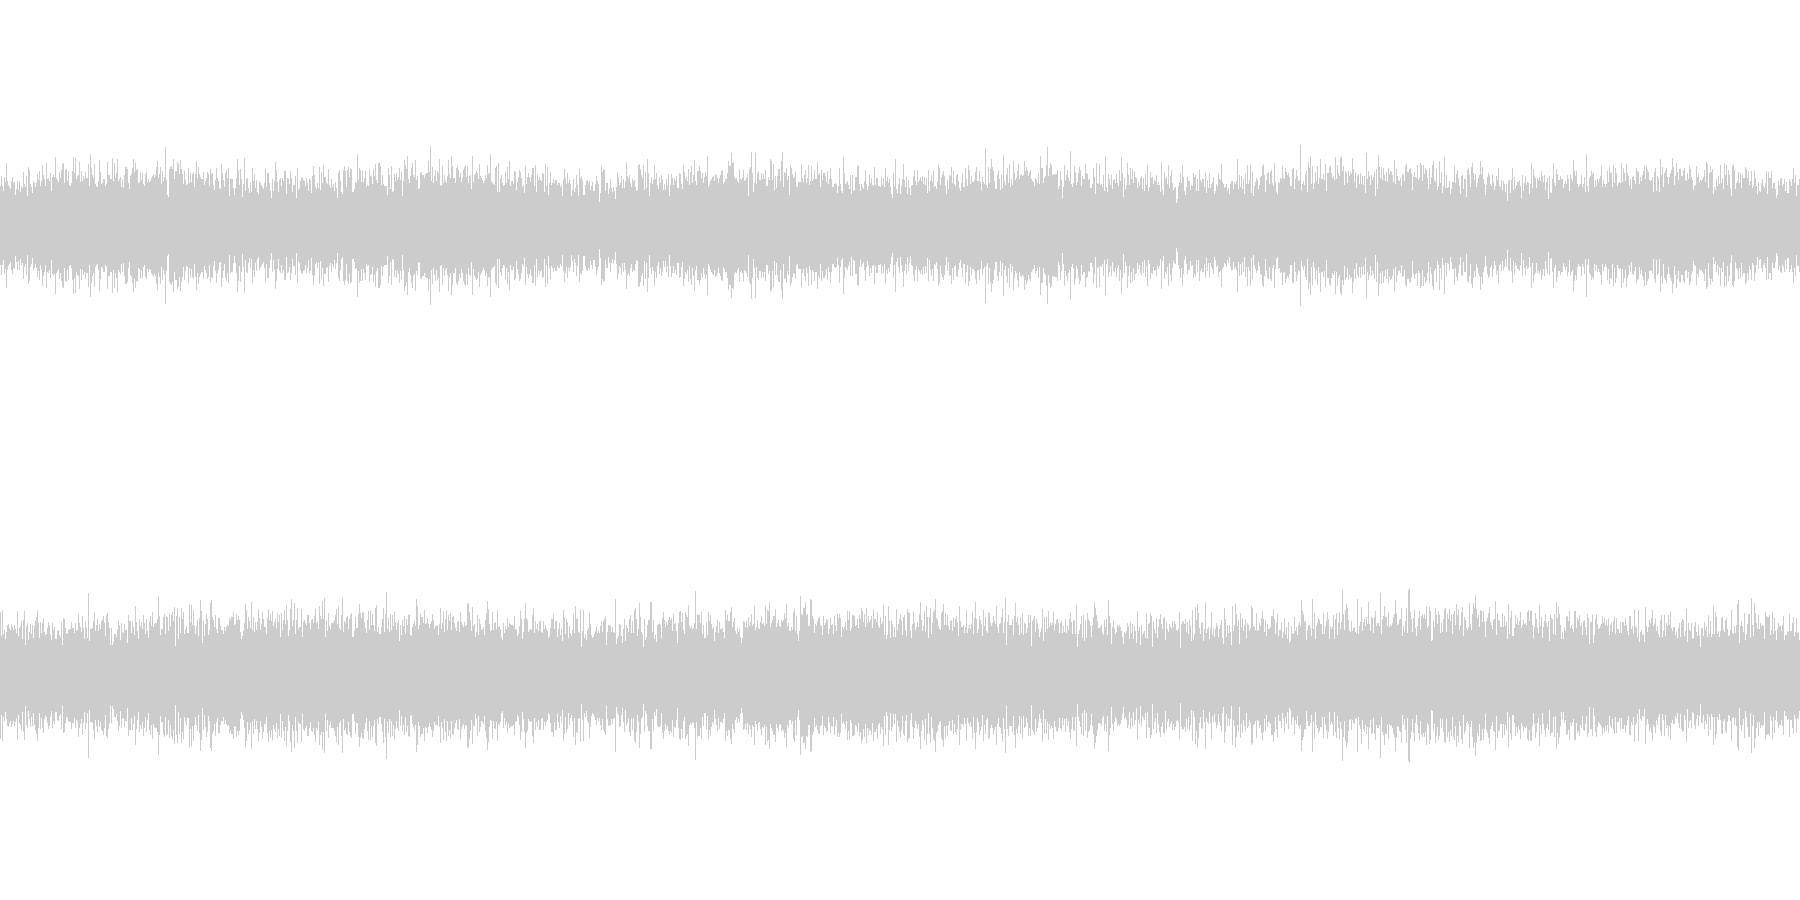 [風音1] 強風・暴風・環境音(ループ)の未再生の波形